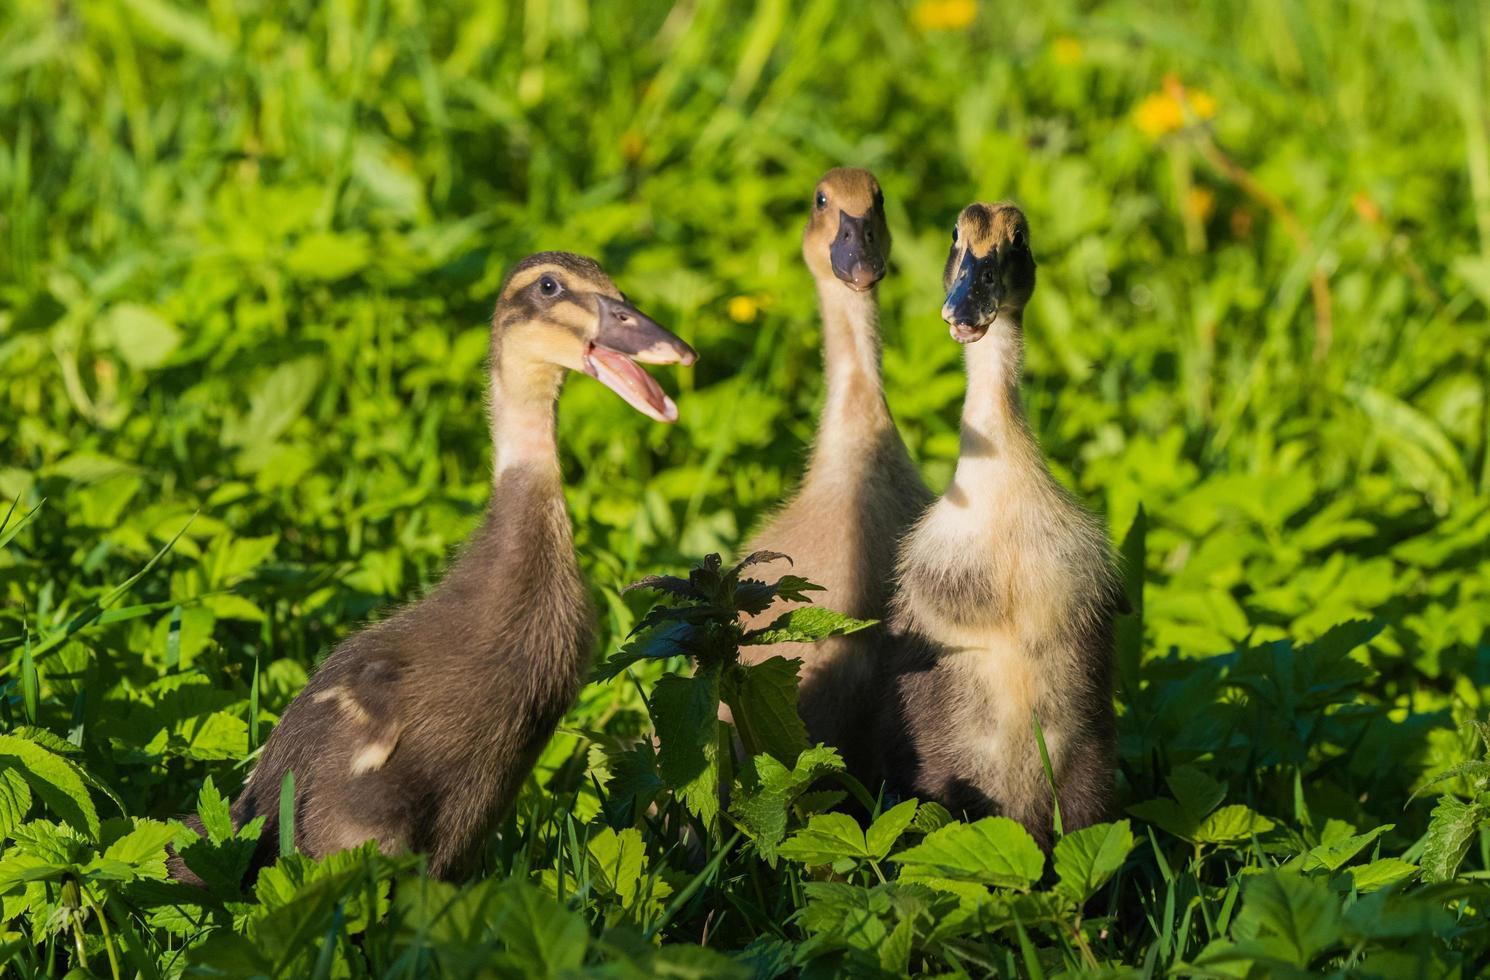 drie eendjes in gras foto